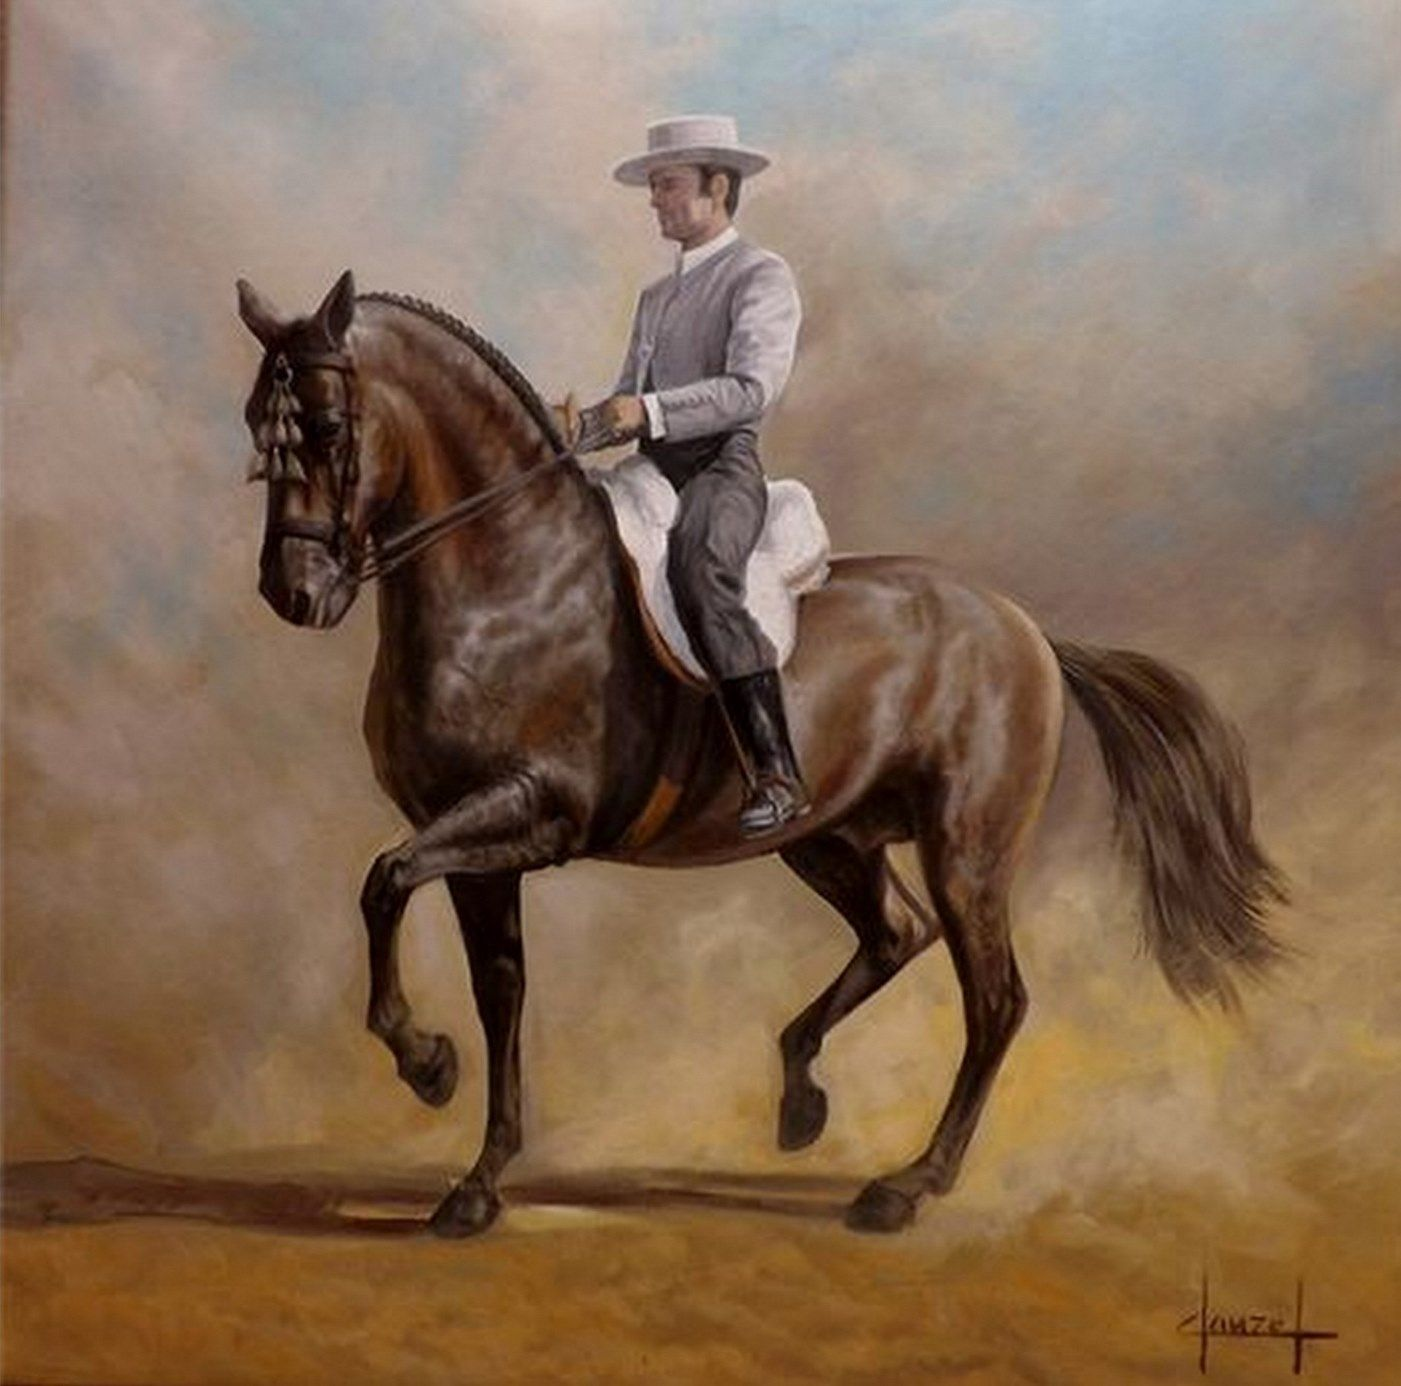 Caballo castaño oscuro de Pura Raza Española o caballo